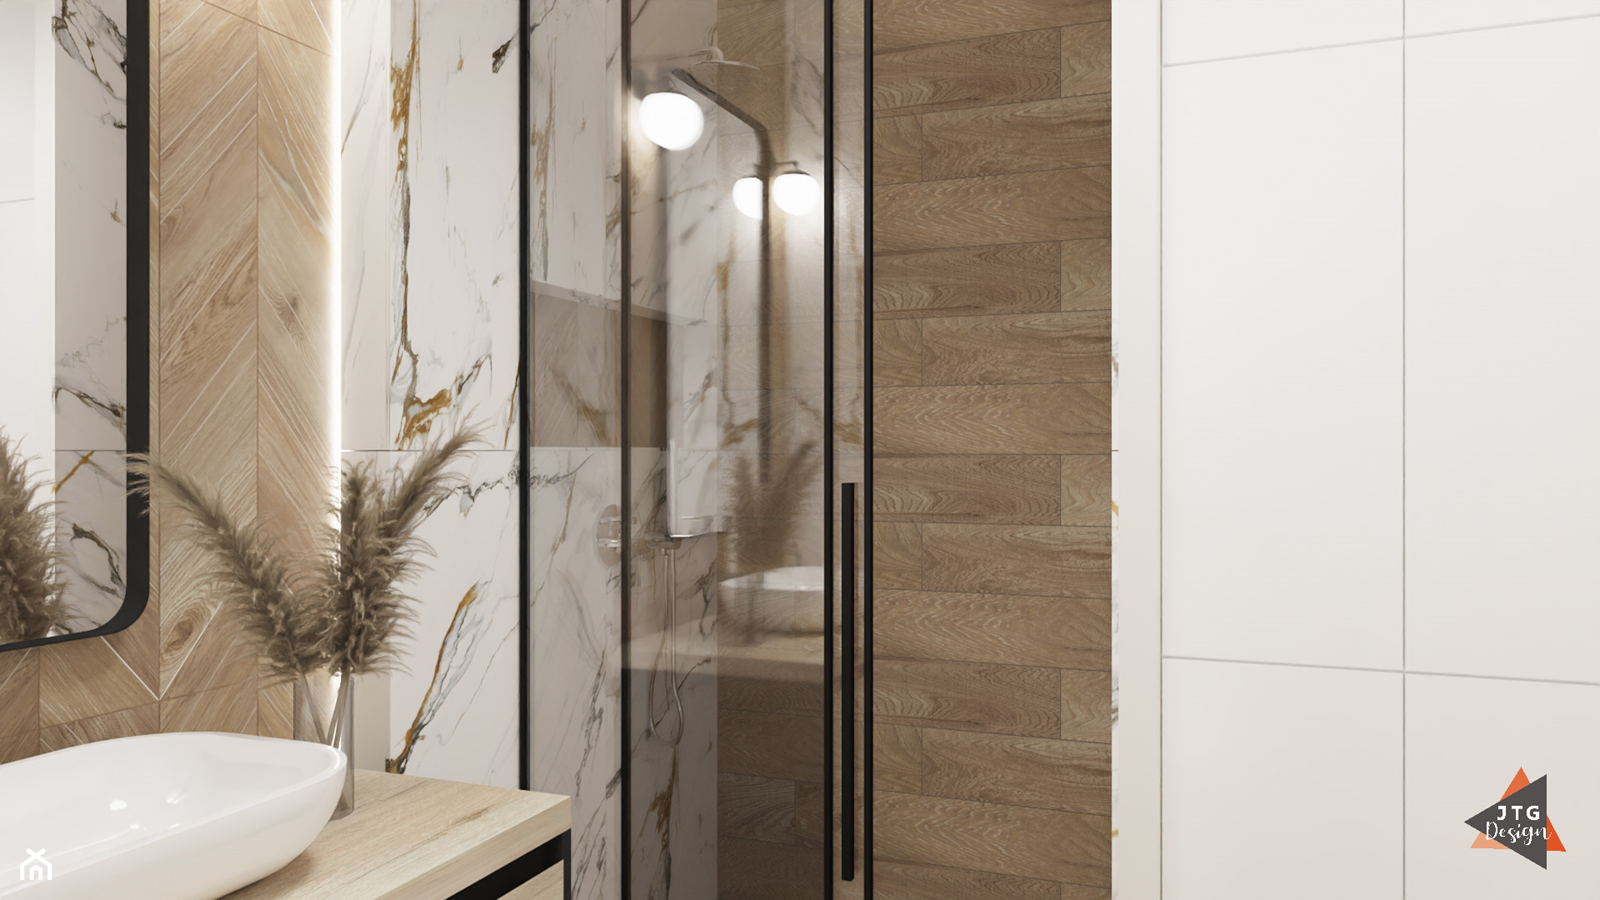 łazienka - marmur i drewno - Łazienka, styl klasyczny - zdjęcie od JTG Design - Homebook